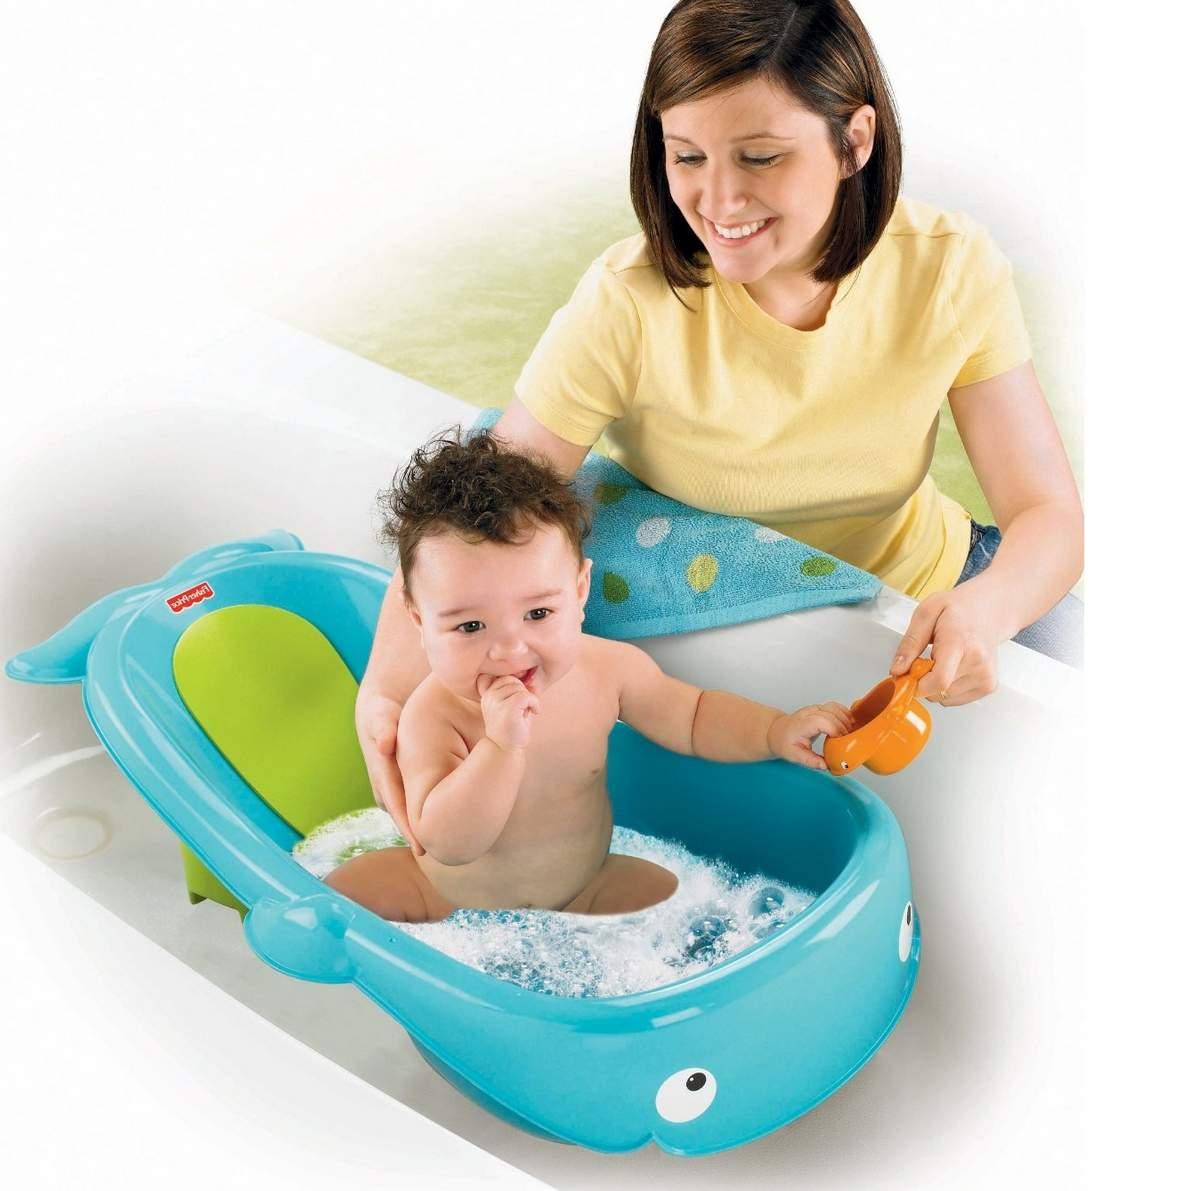 Ванночка для купания новорожденных как правильно выбрать